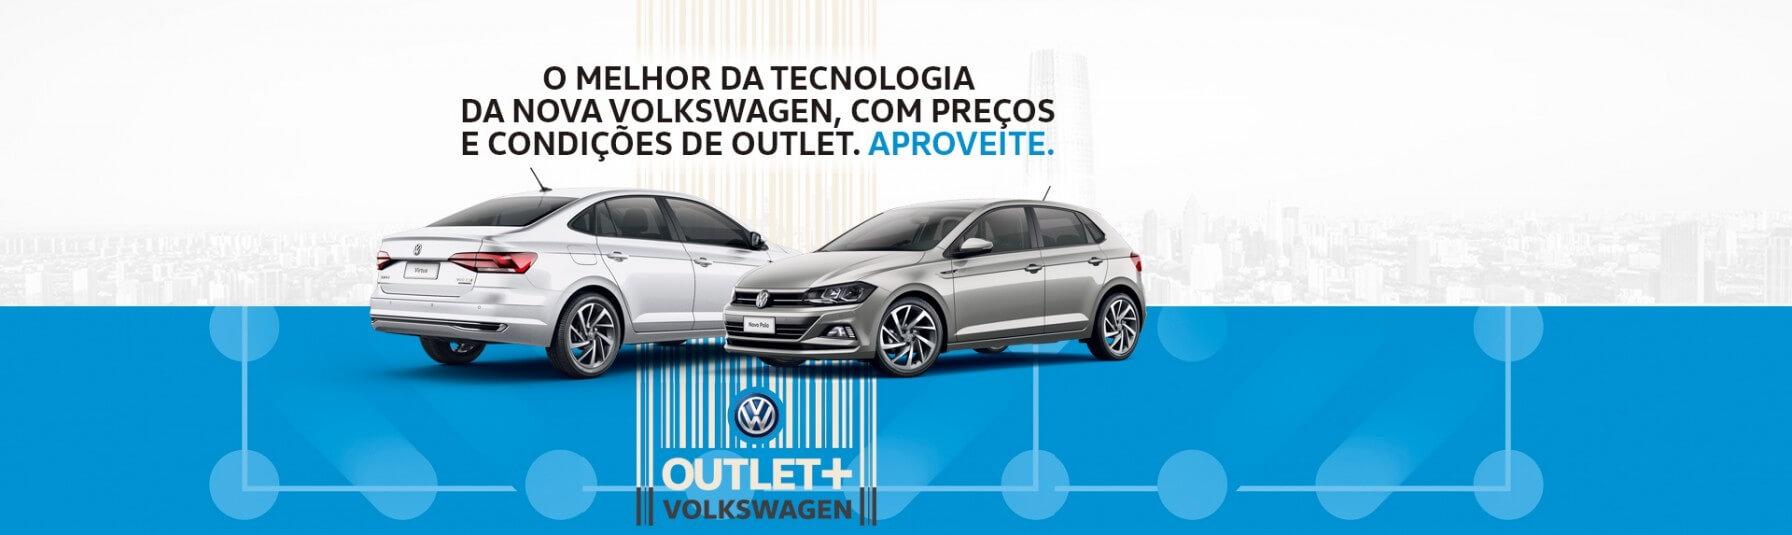 Novo Volkswagen